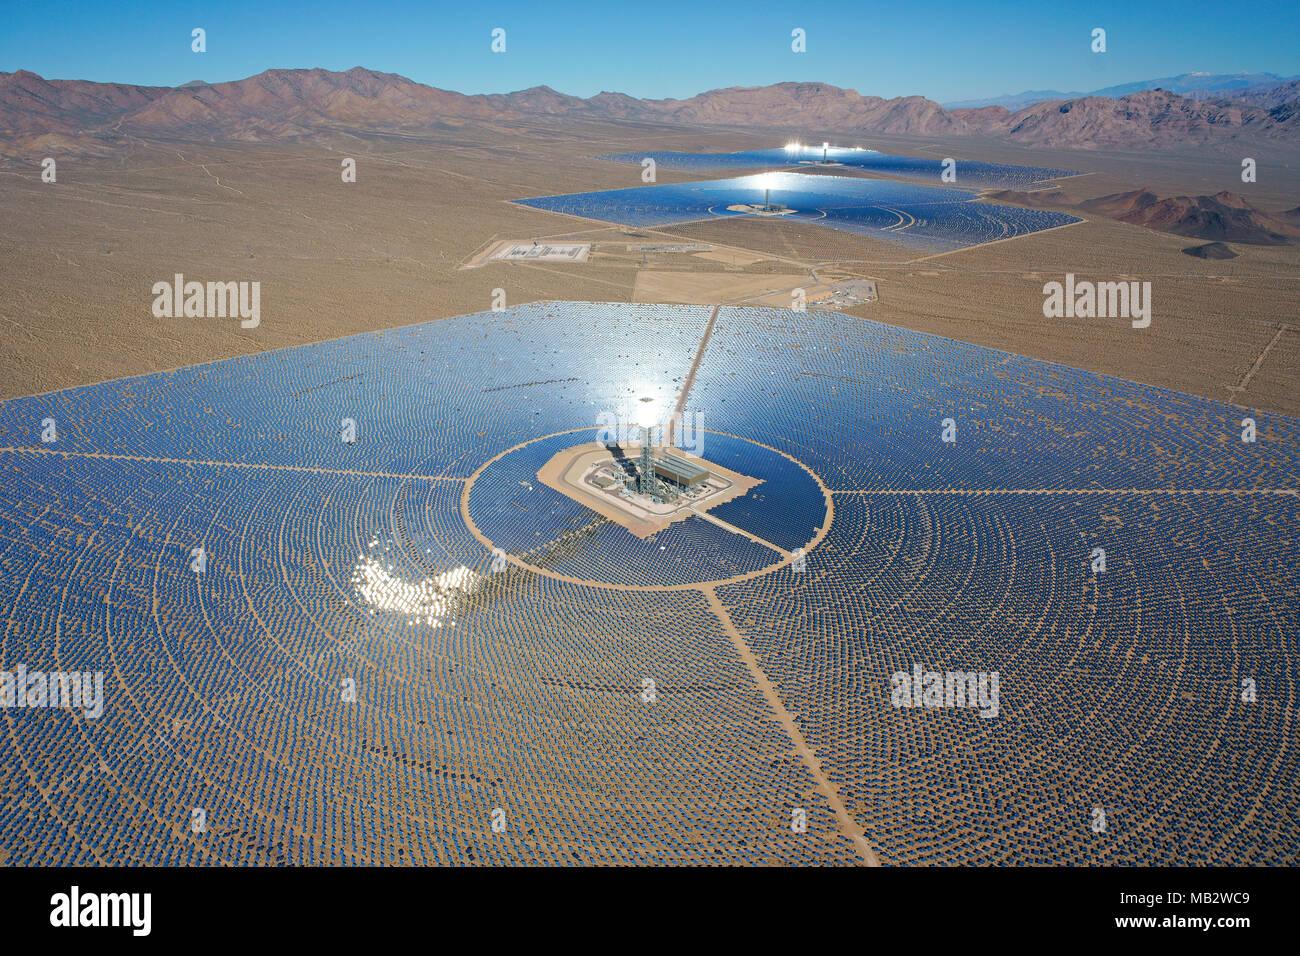 Système de production d'électricité solaire IVANPAH (vue aérienne) (plus grande centrale solaire concentrée que de 2018). Désert de Mojave, Californie, USA. Photo Stock